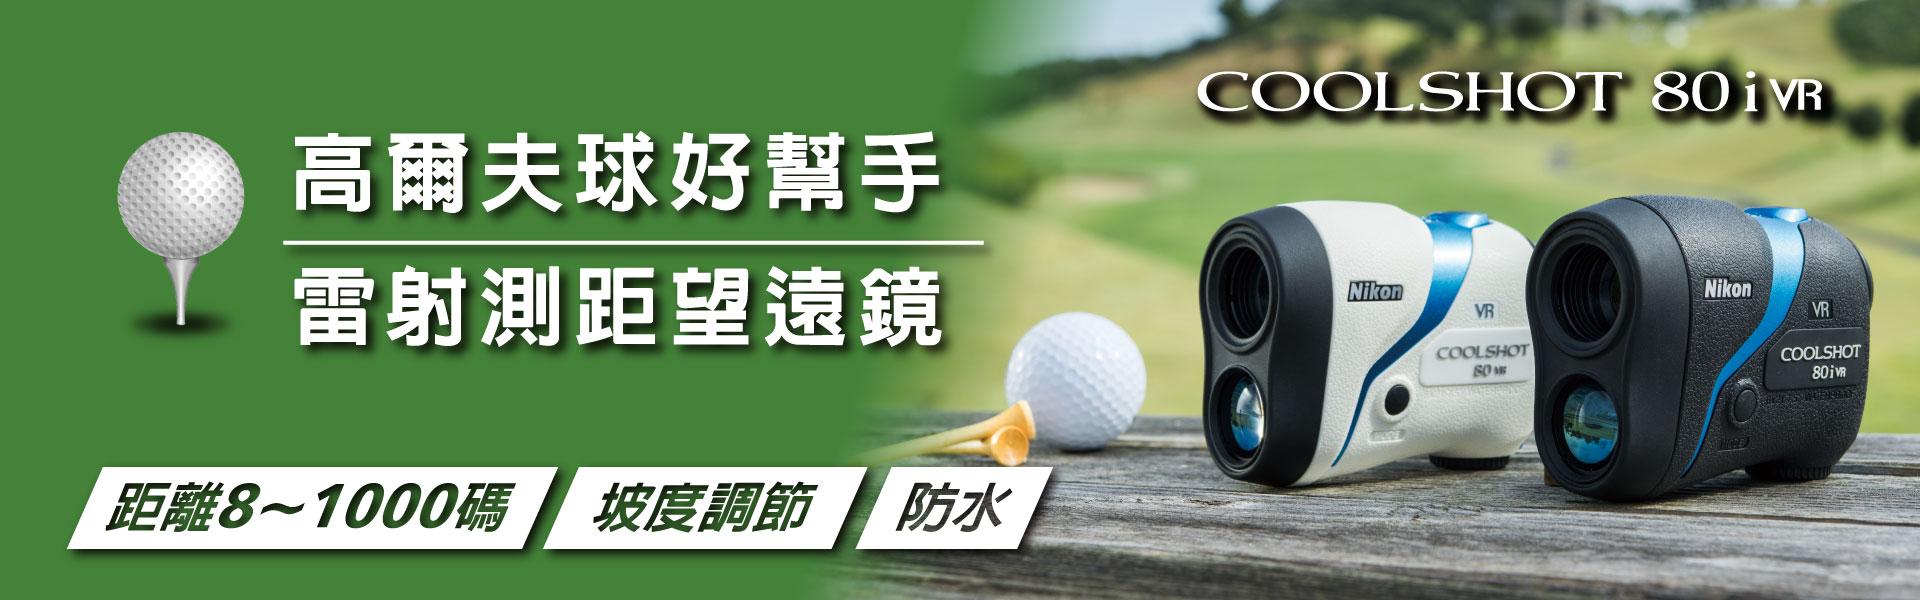 高爾夫球好幫手,雷射測距望遠鏡